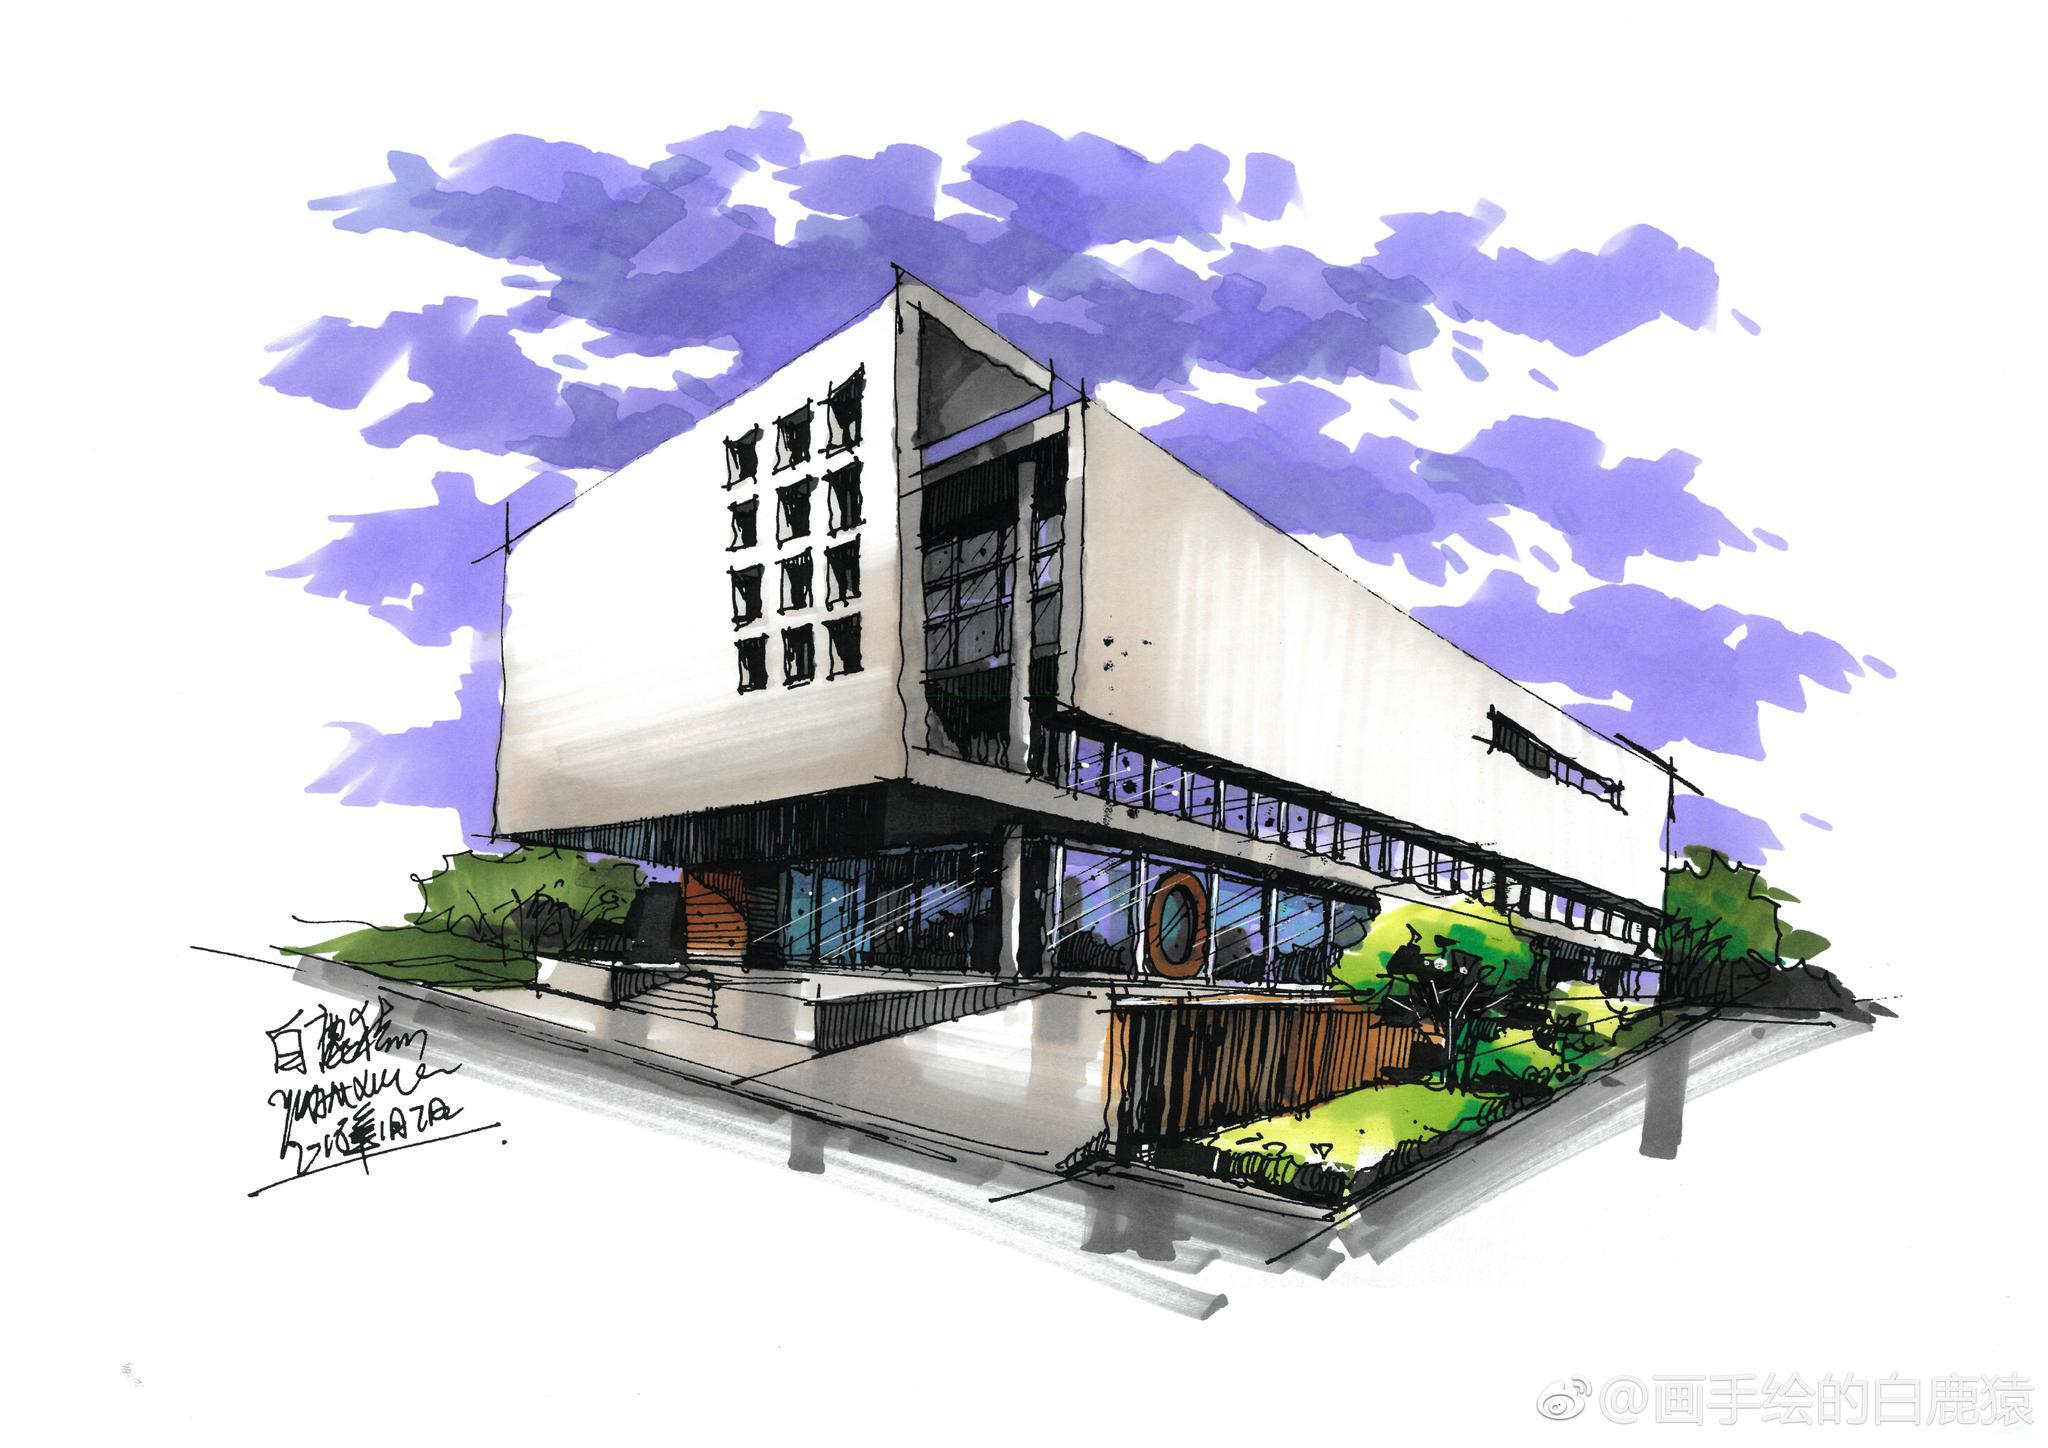 干货,干货,马克笔建筑手绘上色集合,欢迎喜欢的小伙伴